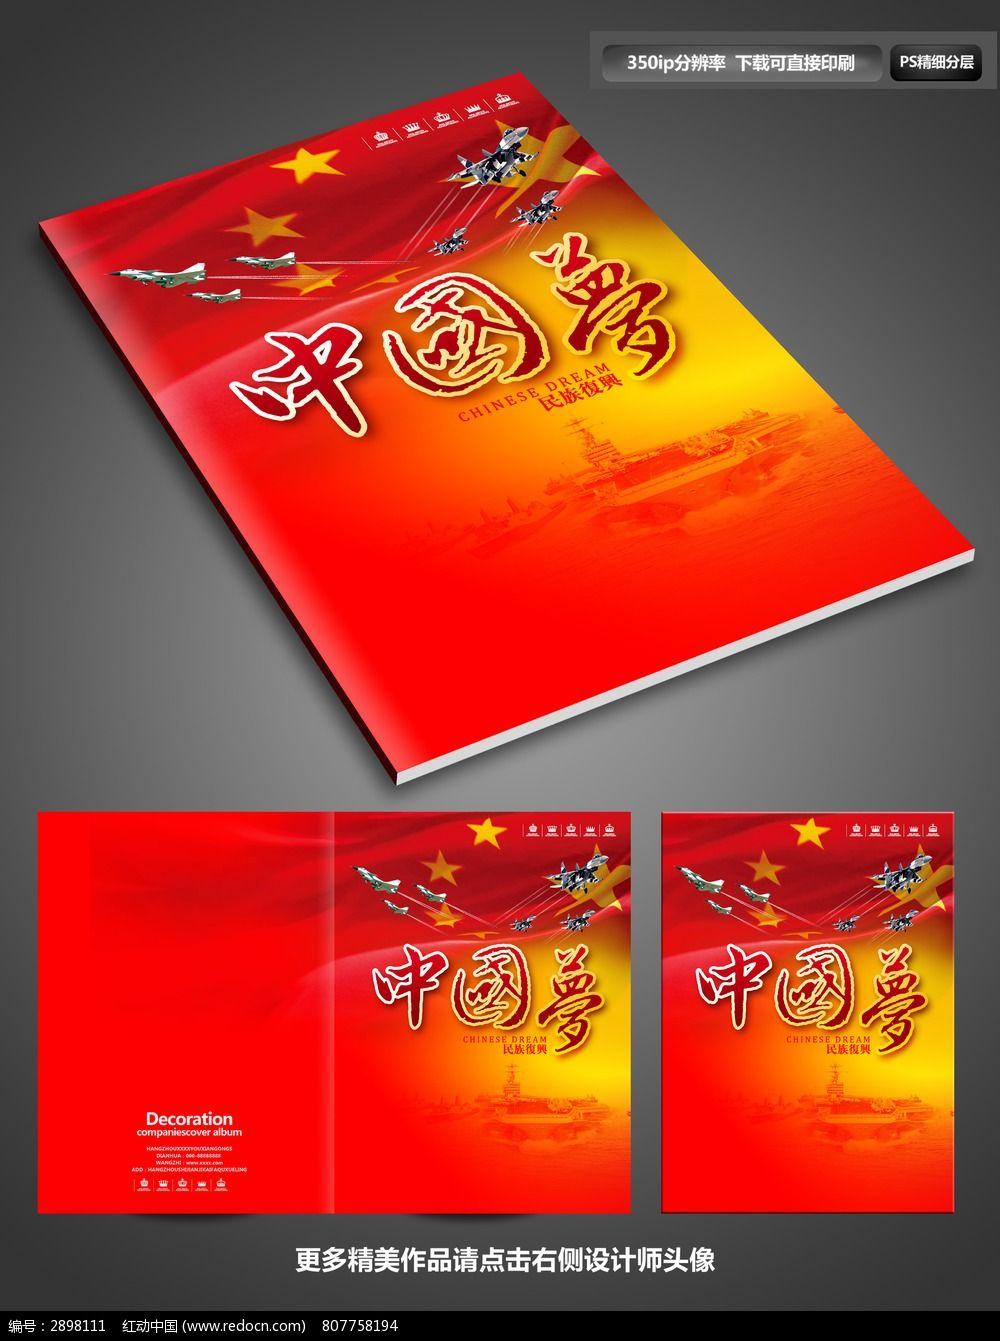 红色中国梦书籍画册封面设计图片